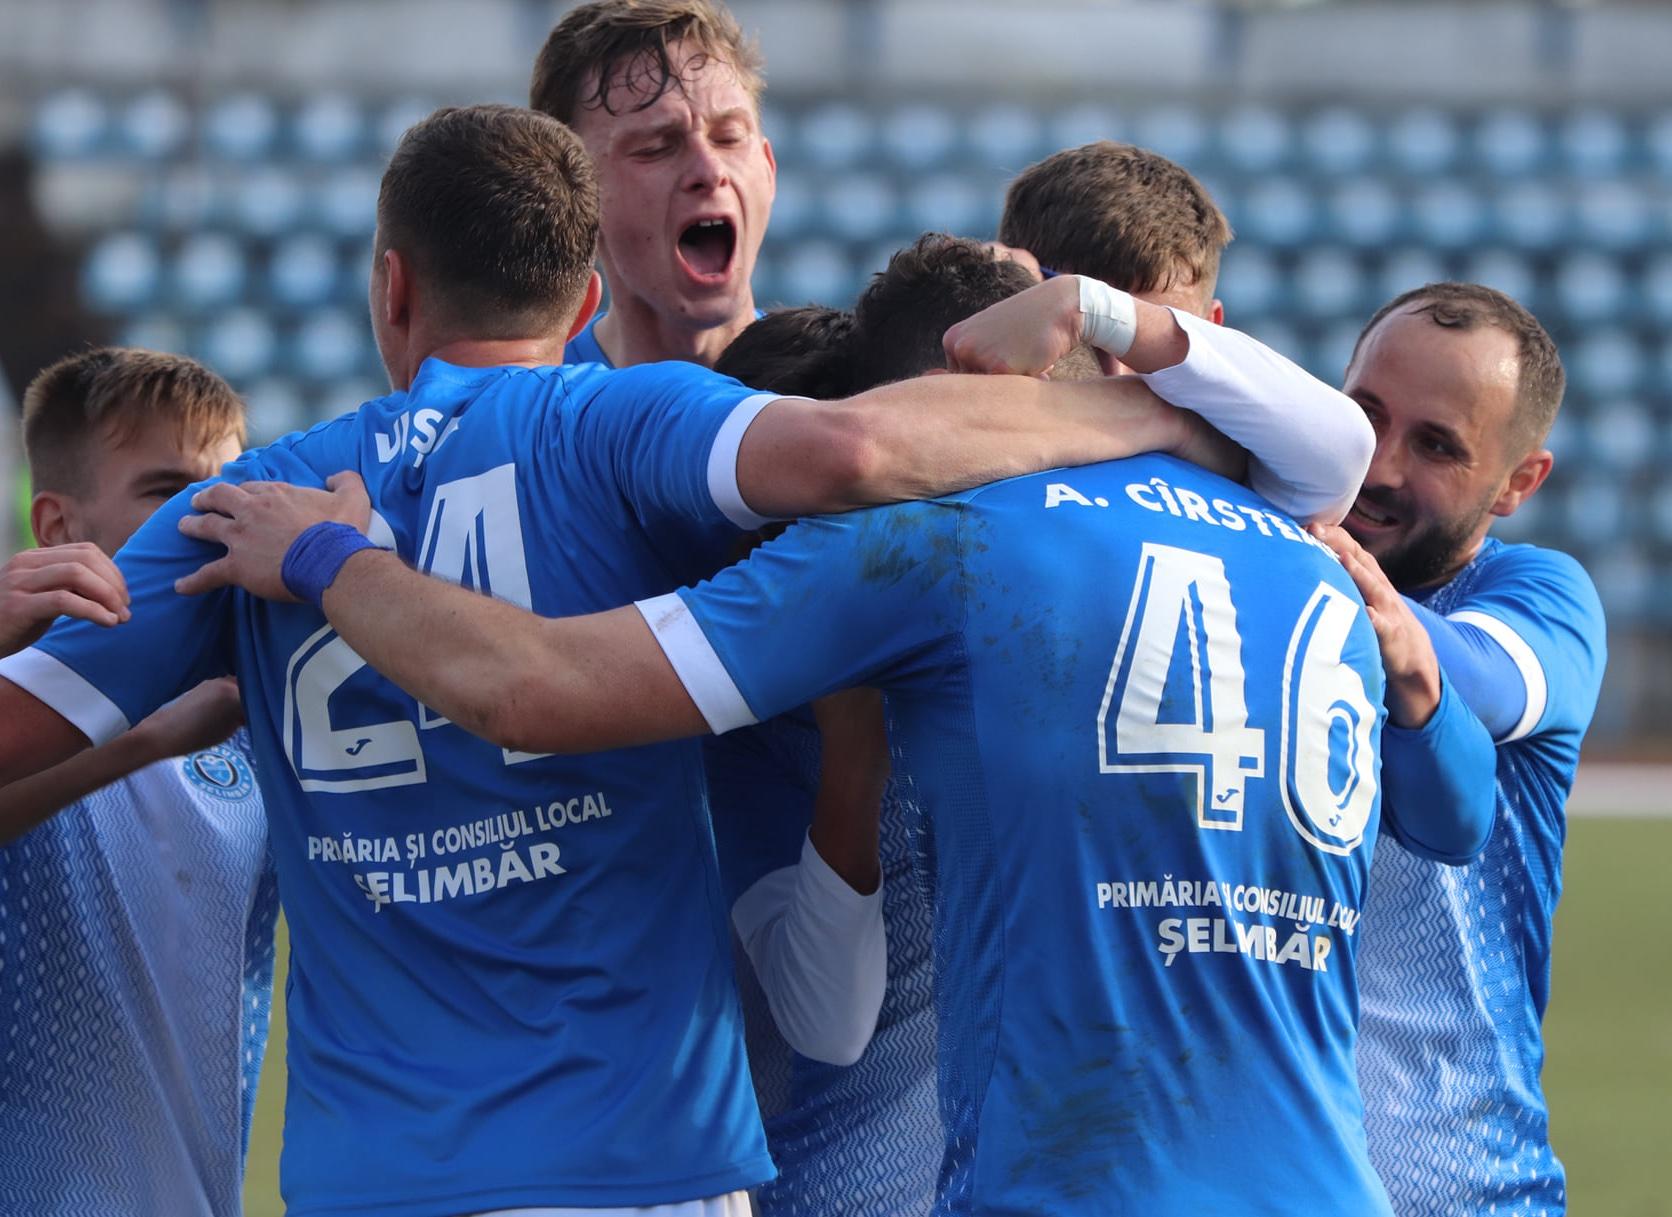 Viitorul Șelimbăr - Măgura Cisnădie, posibil meci de promovare în Liga 2